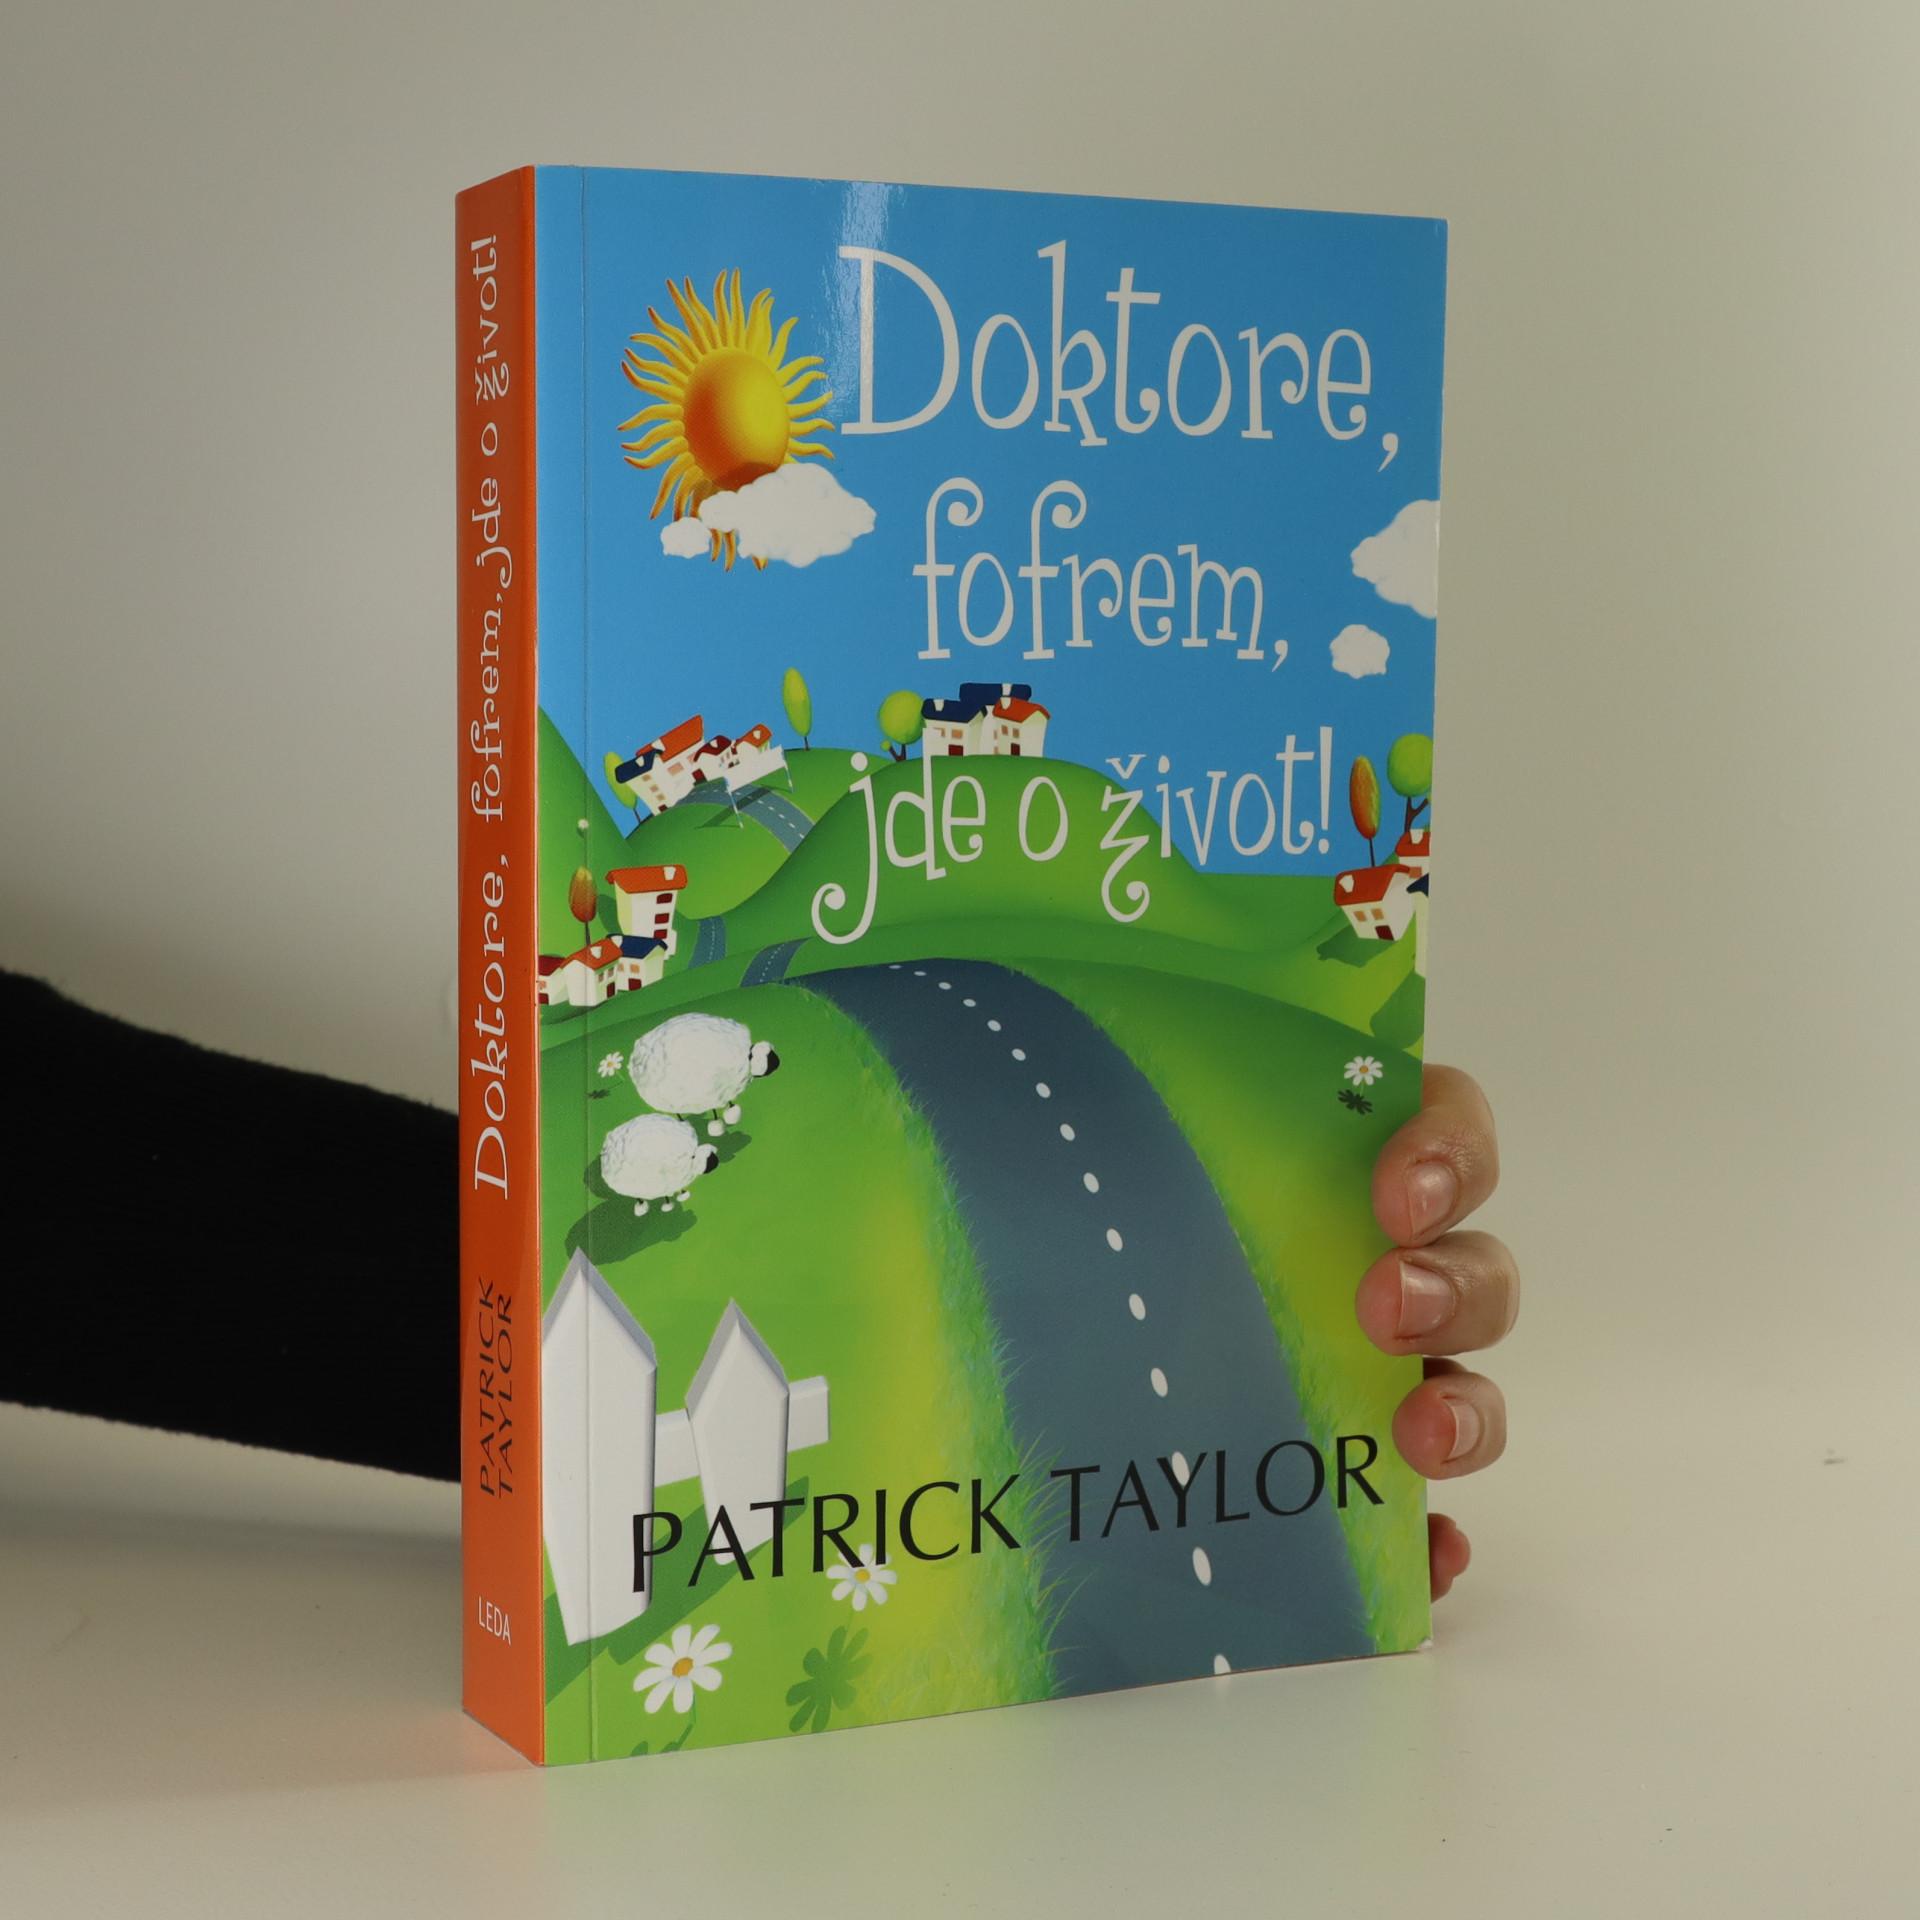 antikvární kniha Doktore, fofrem, jde o život!, 2009